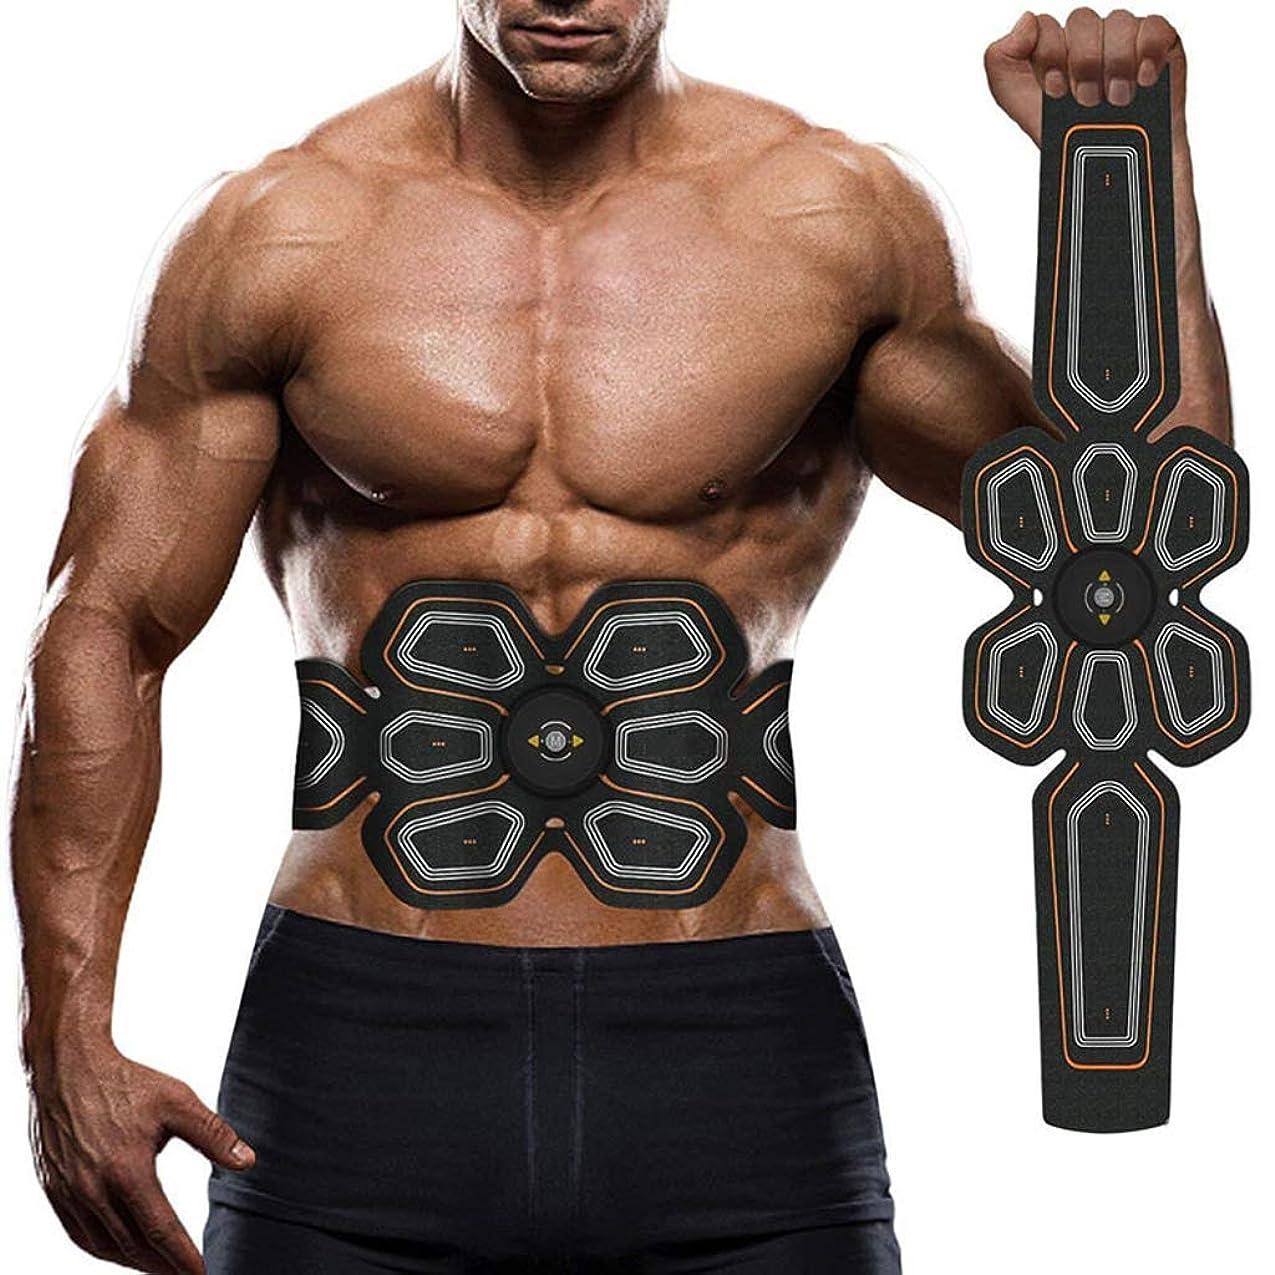 ルーフワイドジャニス電気腹部筋肉刺激装置、ABSウエストトレーナーフィットネス減量体重減少マッサージャー用男性と女性の脂肪燃焼